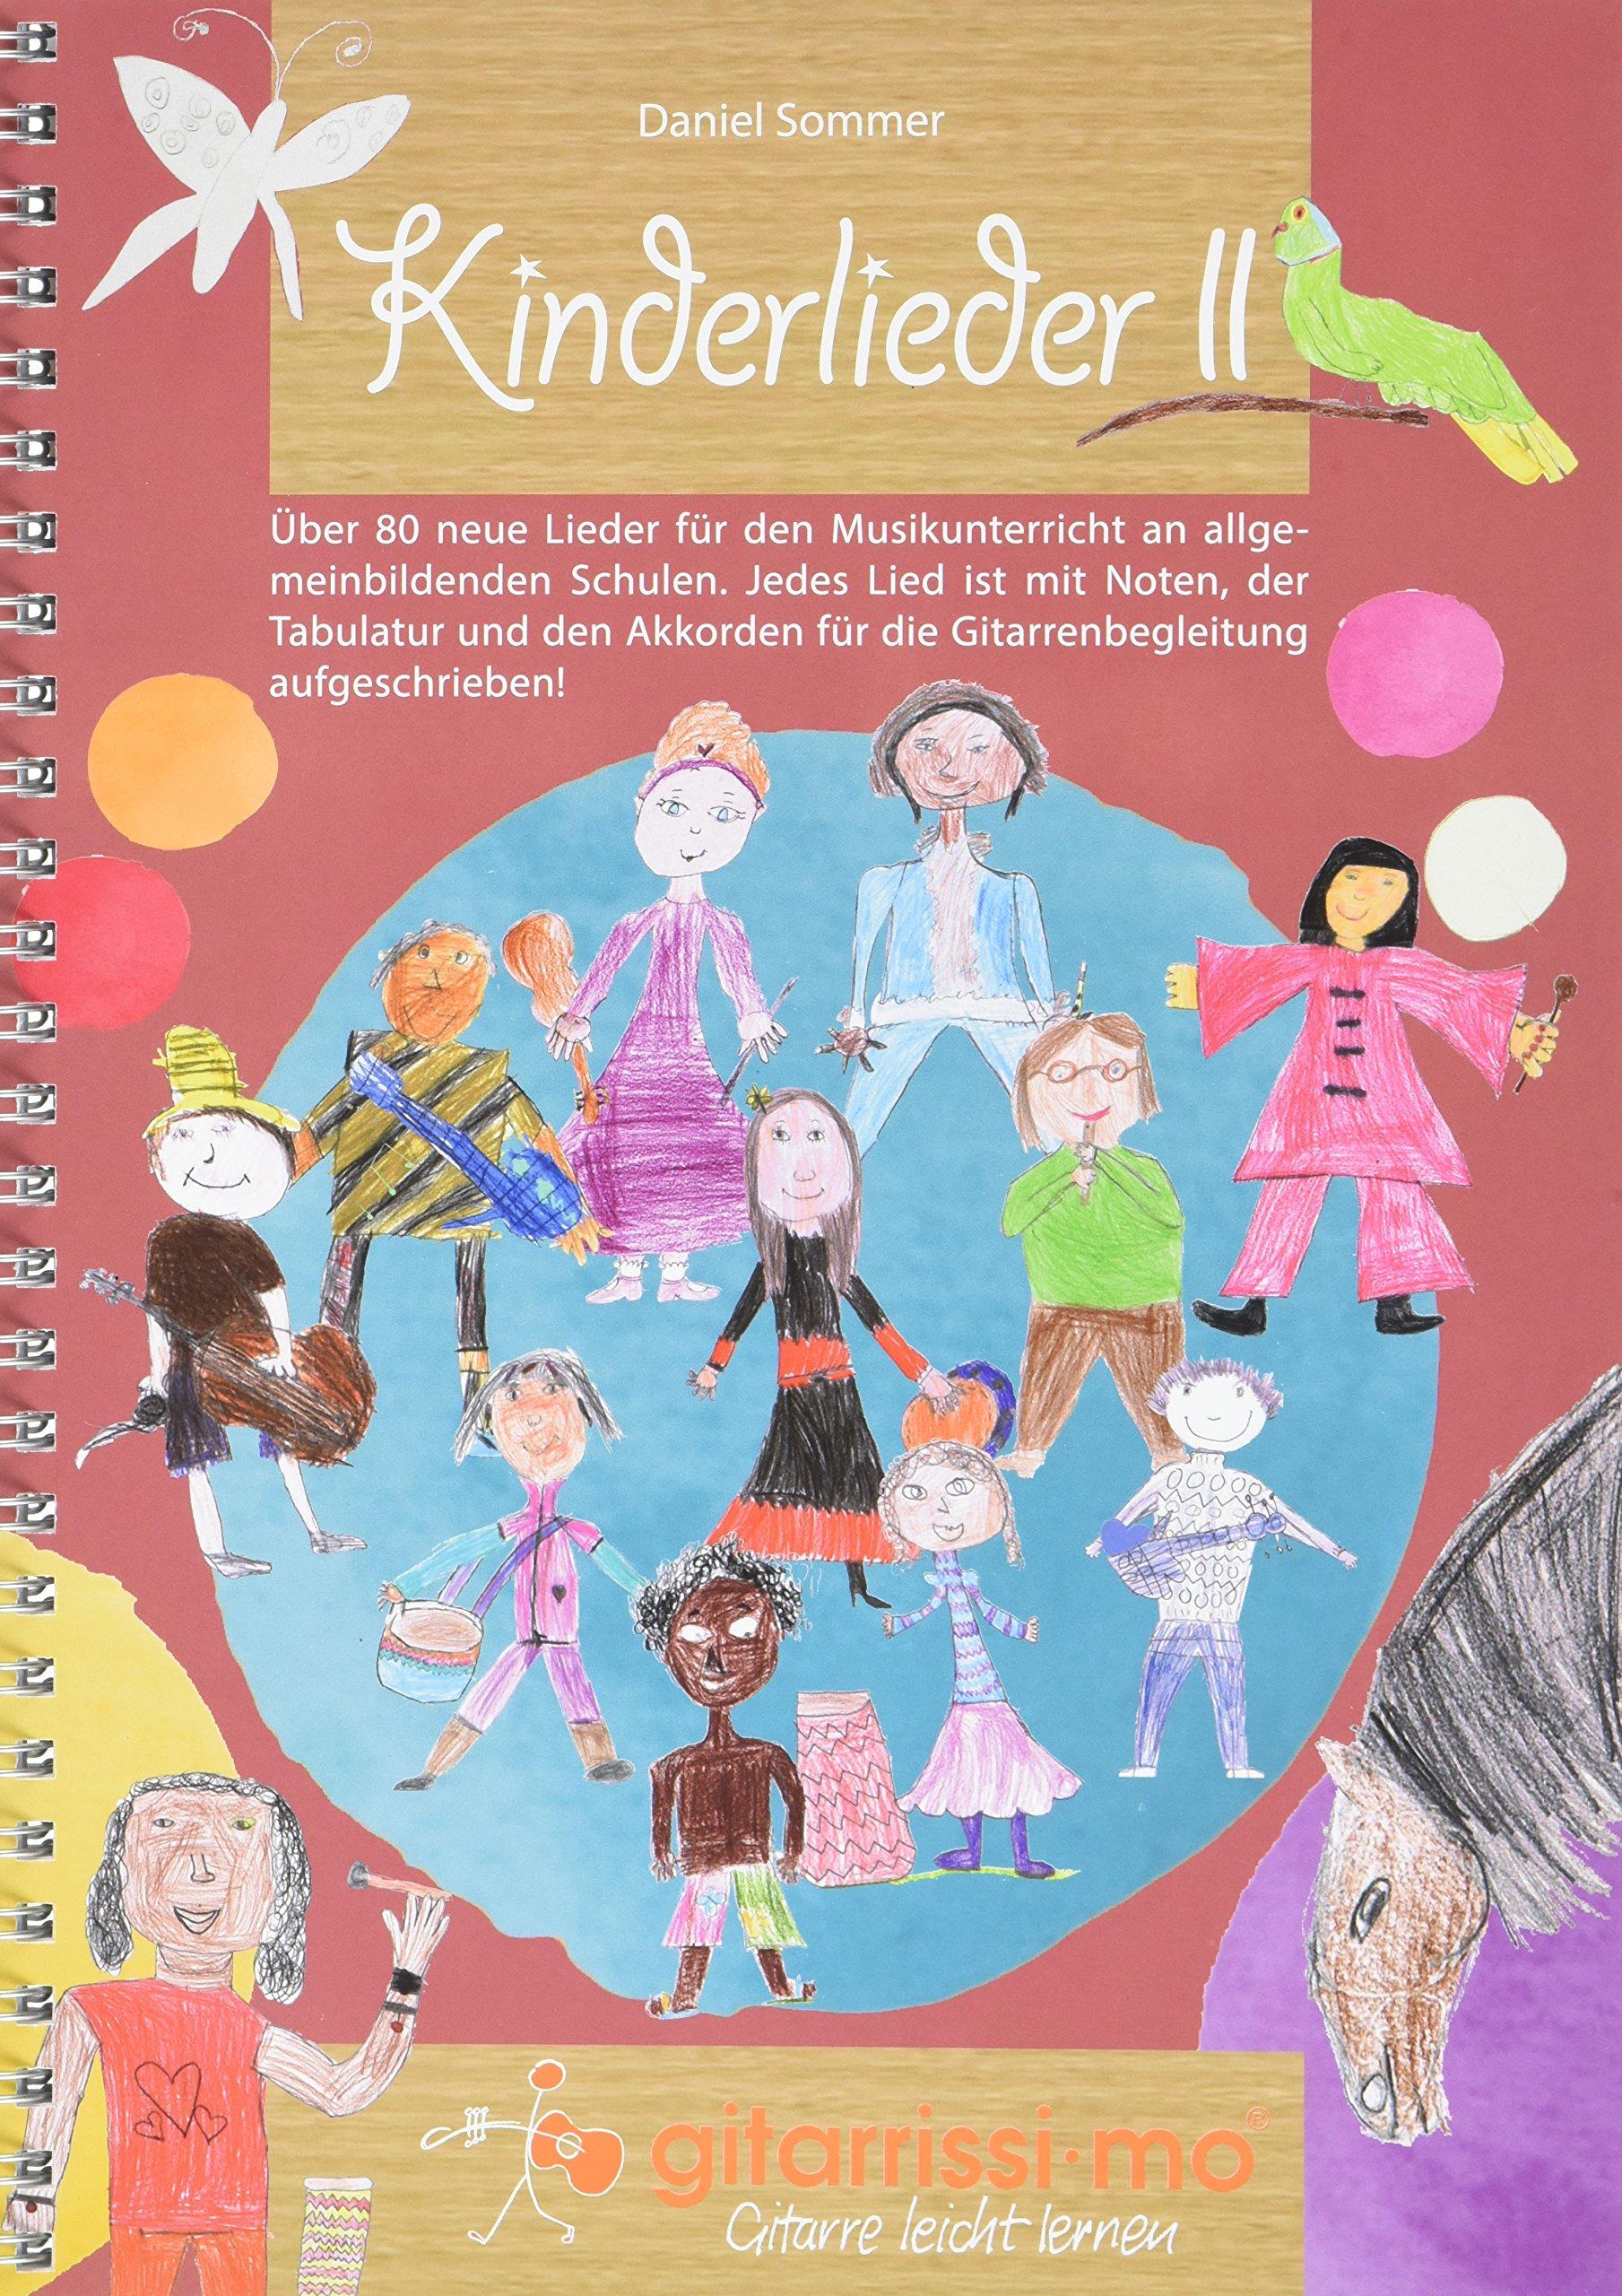 Kinderlieder II: über 80 neue Lieder für den Musikunterricht an allgemeinbildenden Schulen